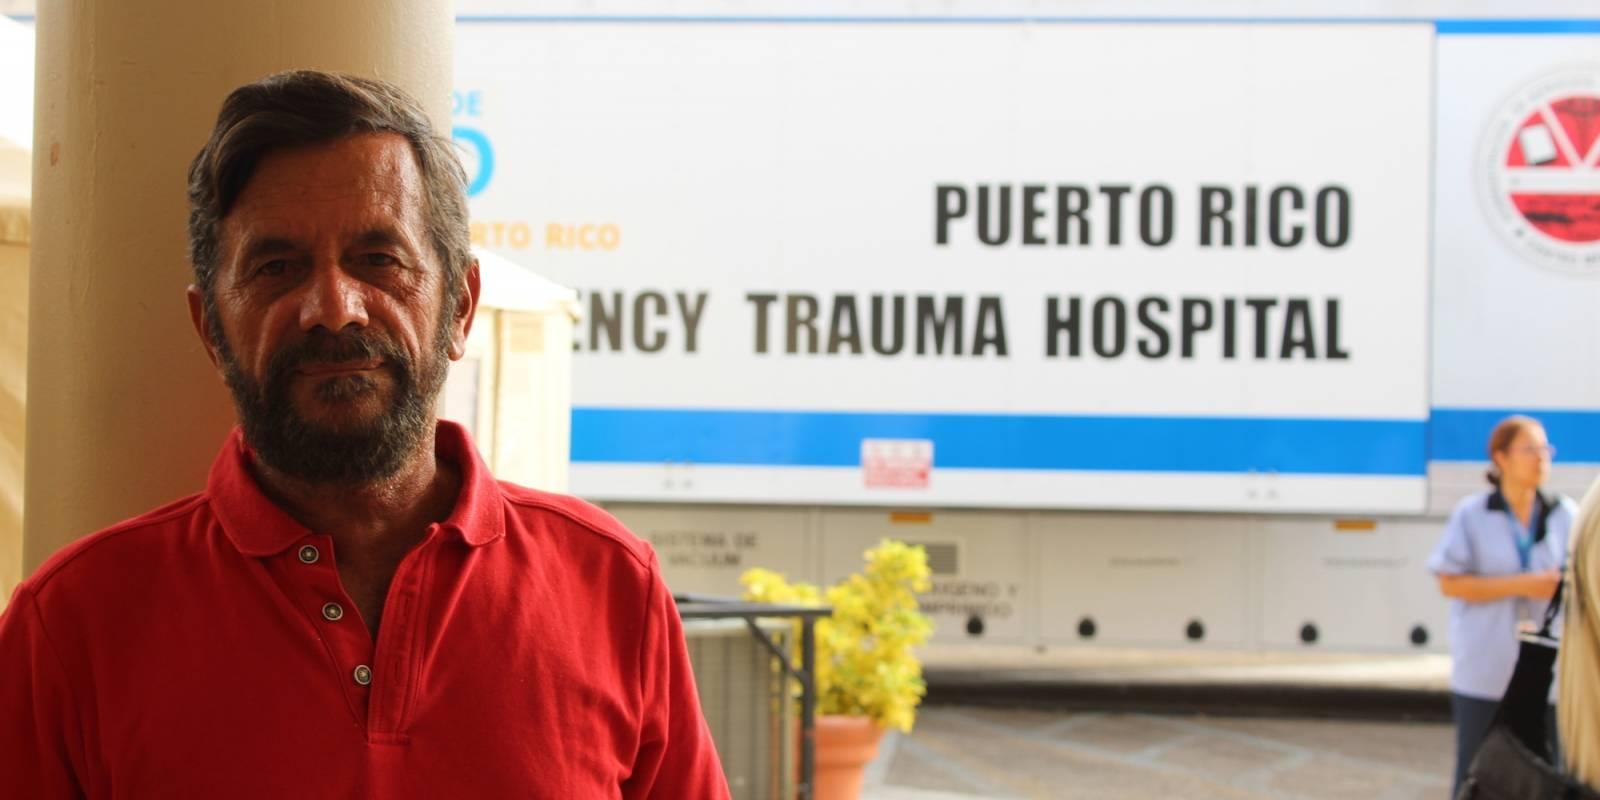 José Espinoza esperaba ayer por noticias de su hermano, quien se encontraba dentro de la Sala de Emergencias de Centro Médico. / Foto: Miguel Dejesús